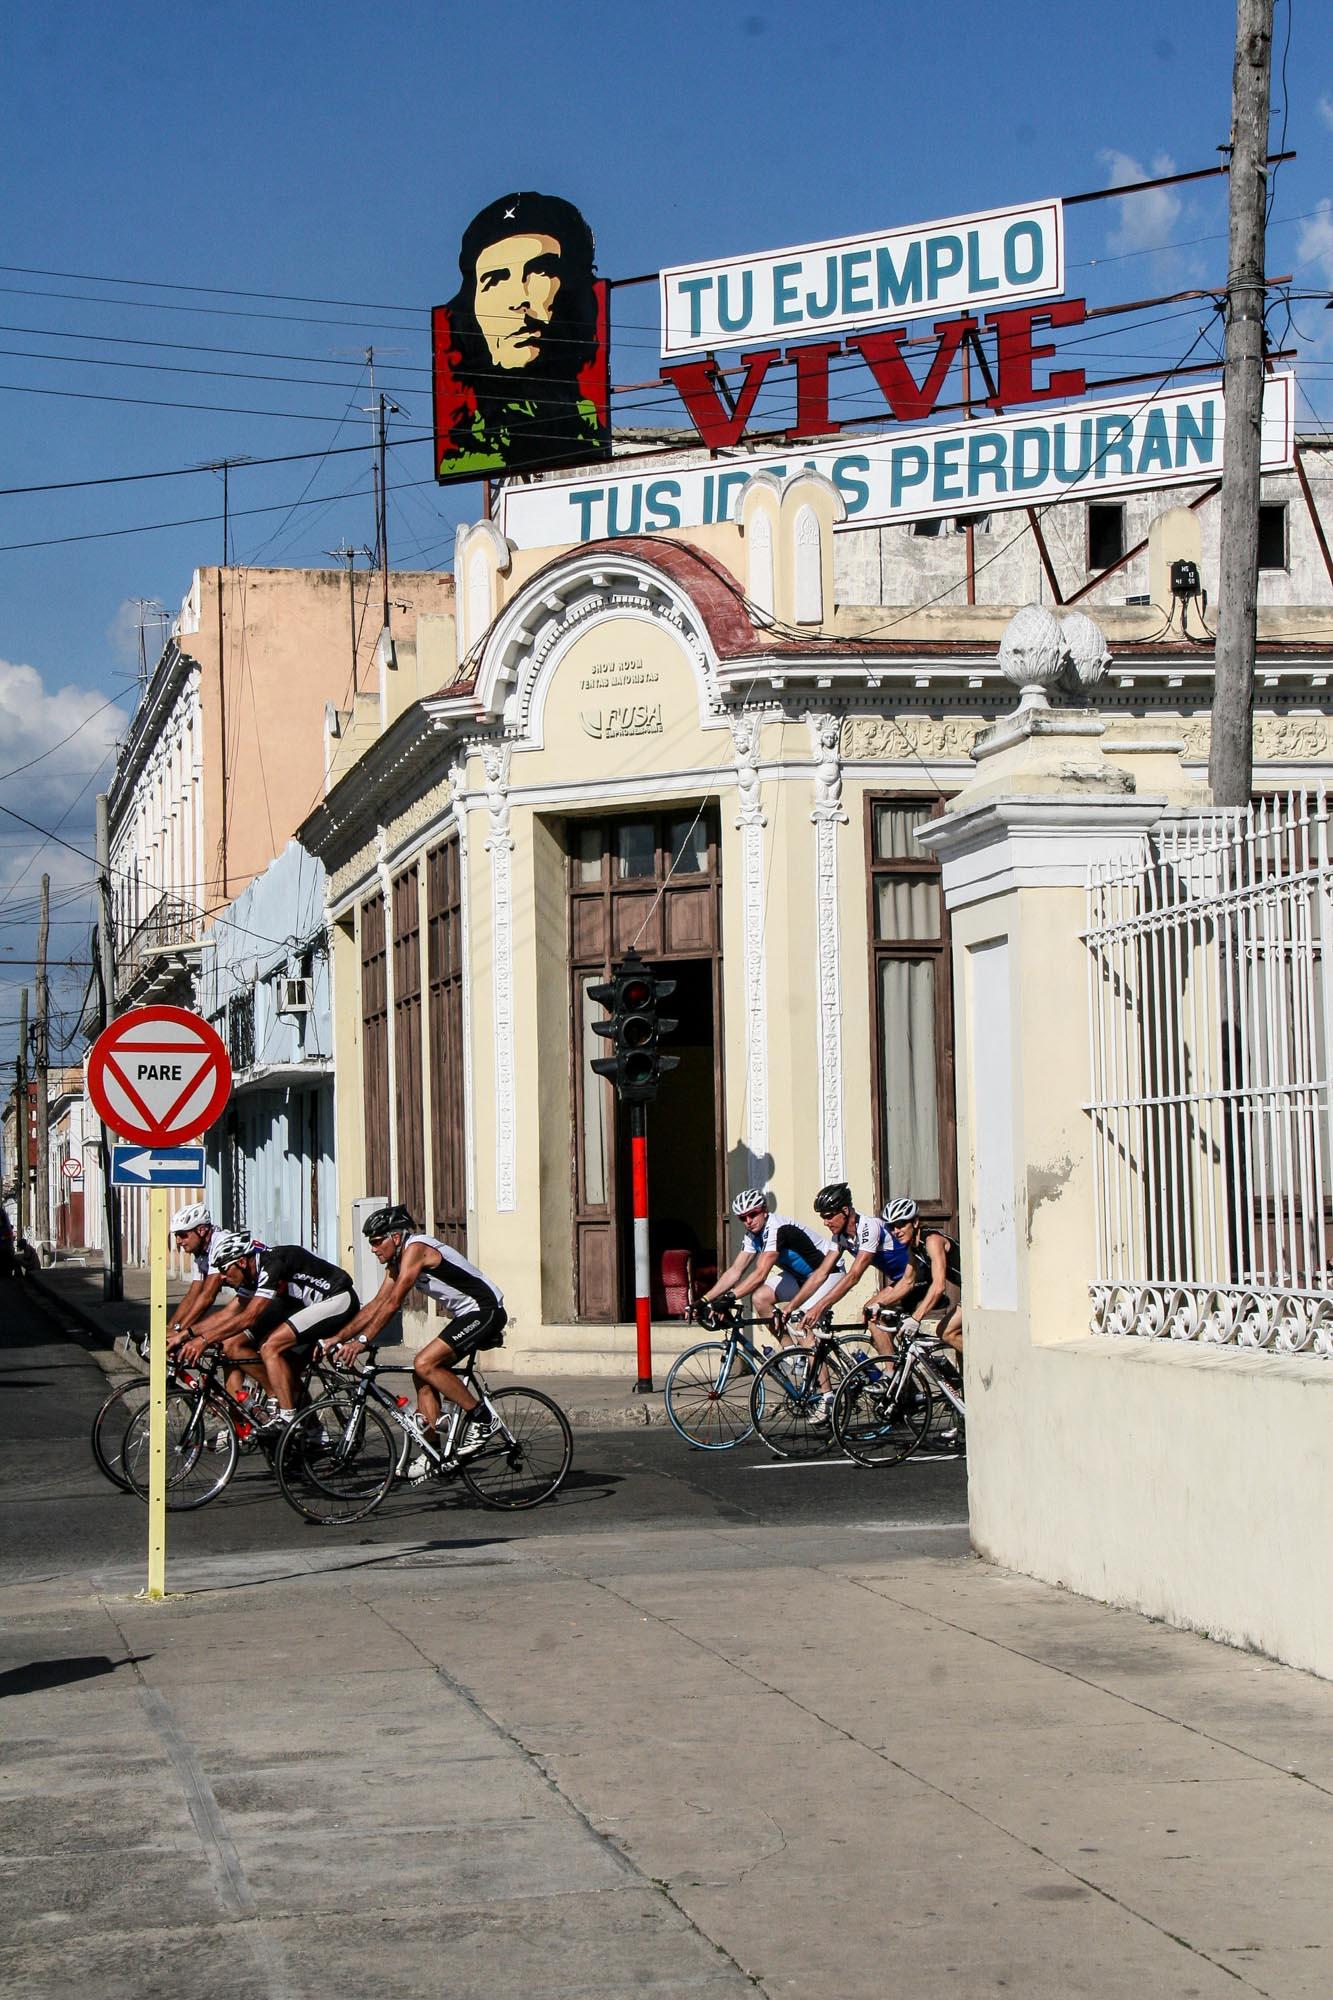 Eine Gruppe Rennradfahrer fährt vor einem Haus mit einer Che-Guevara-Beschriftung.